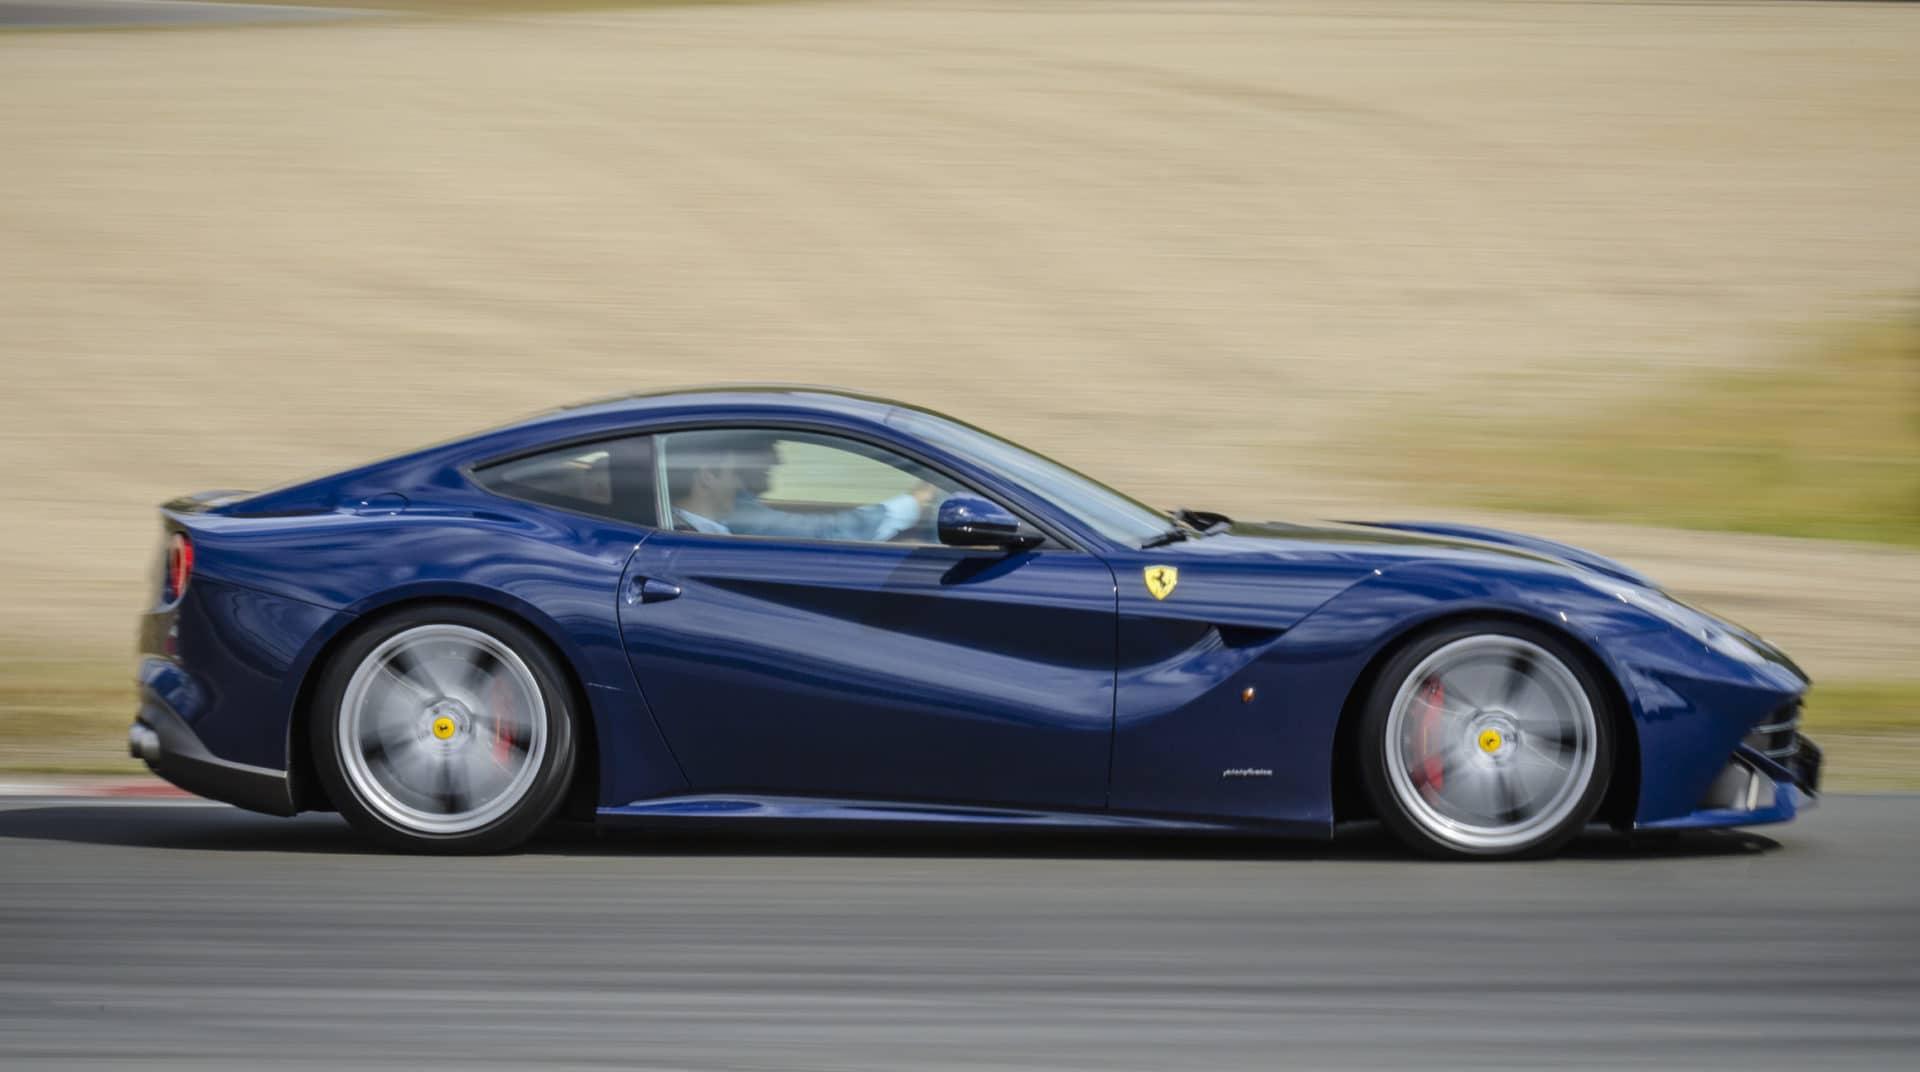 Ferrari F12 Berlinetta sports car driving fast